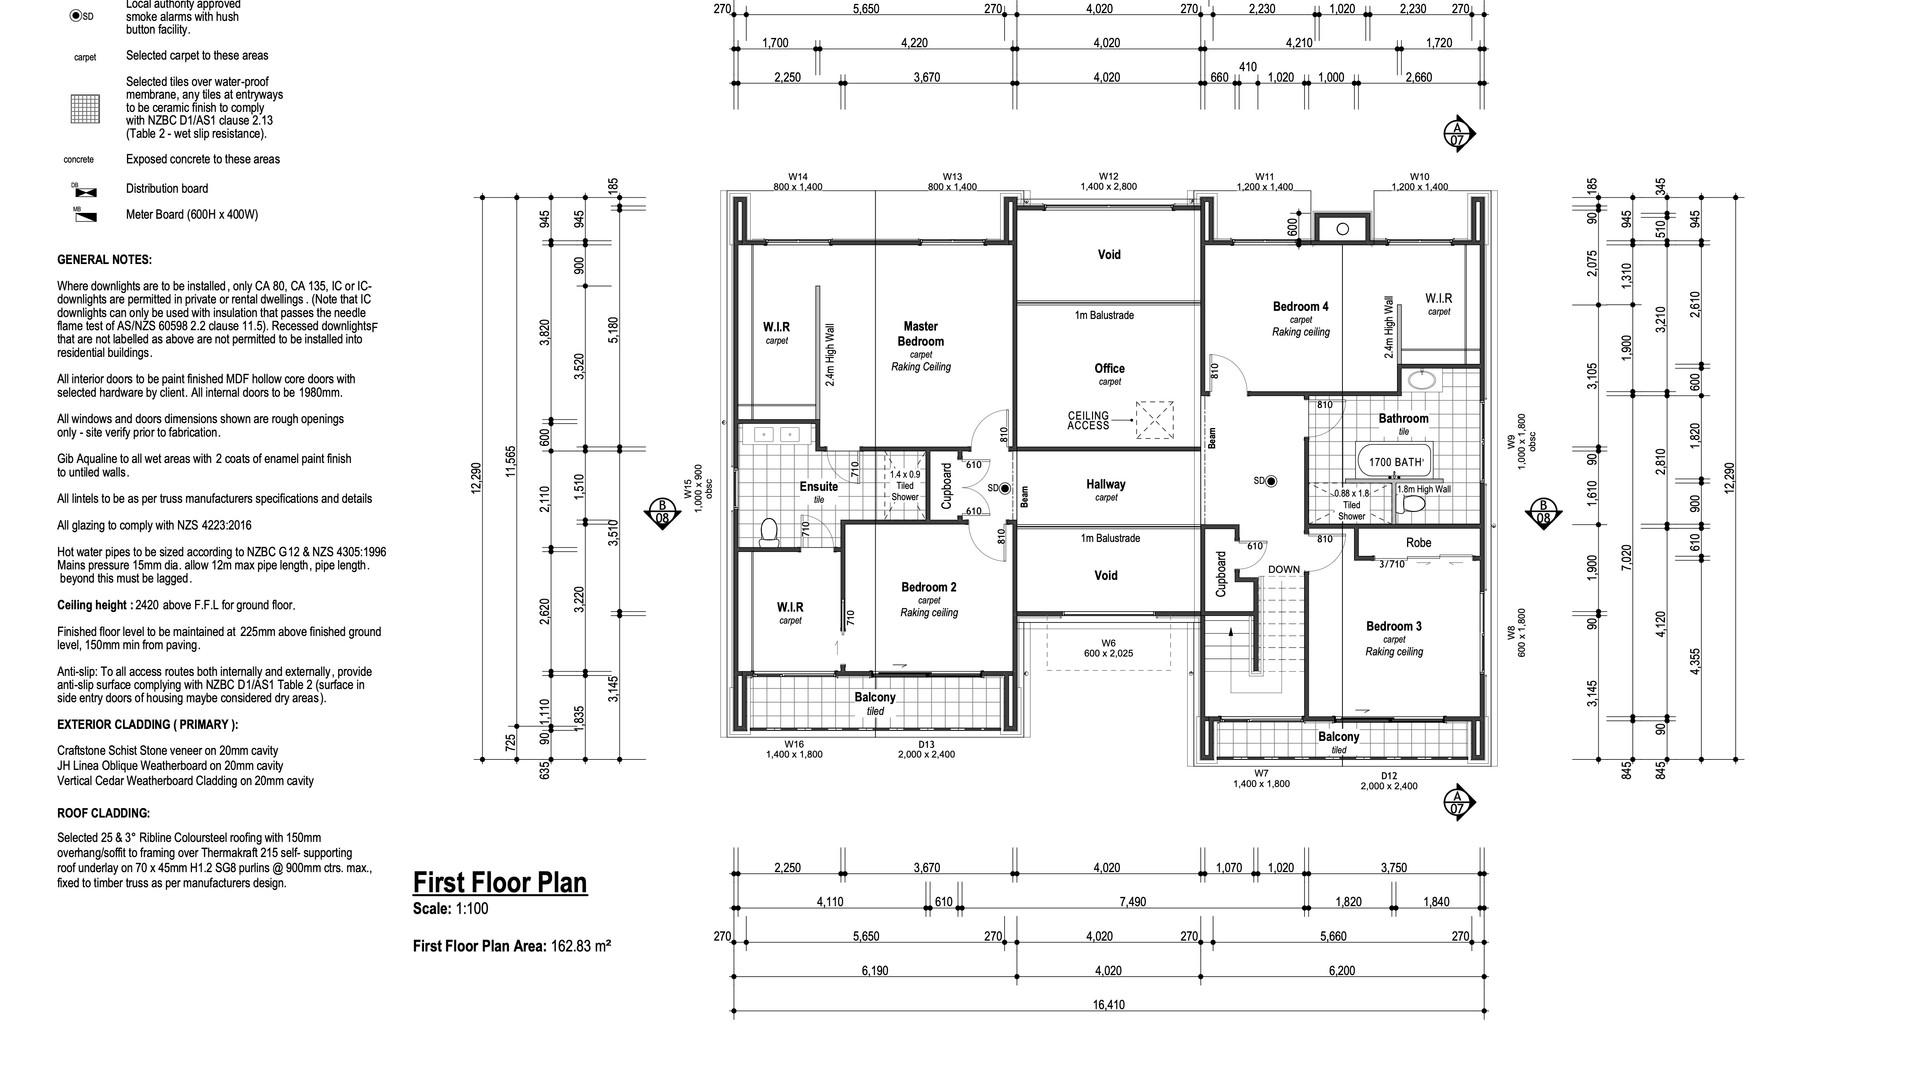 St Thomas Floorplan & Elevations 4